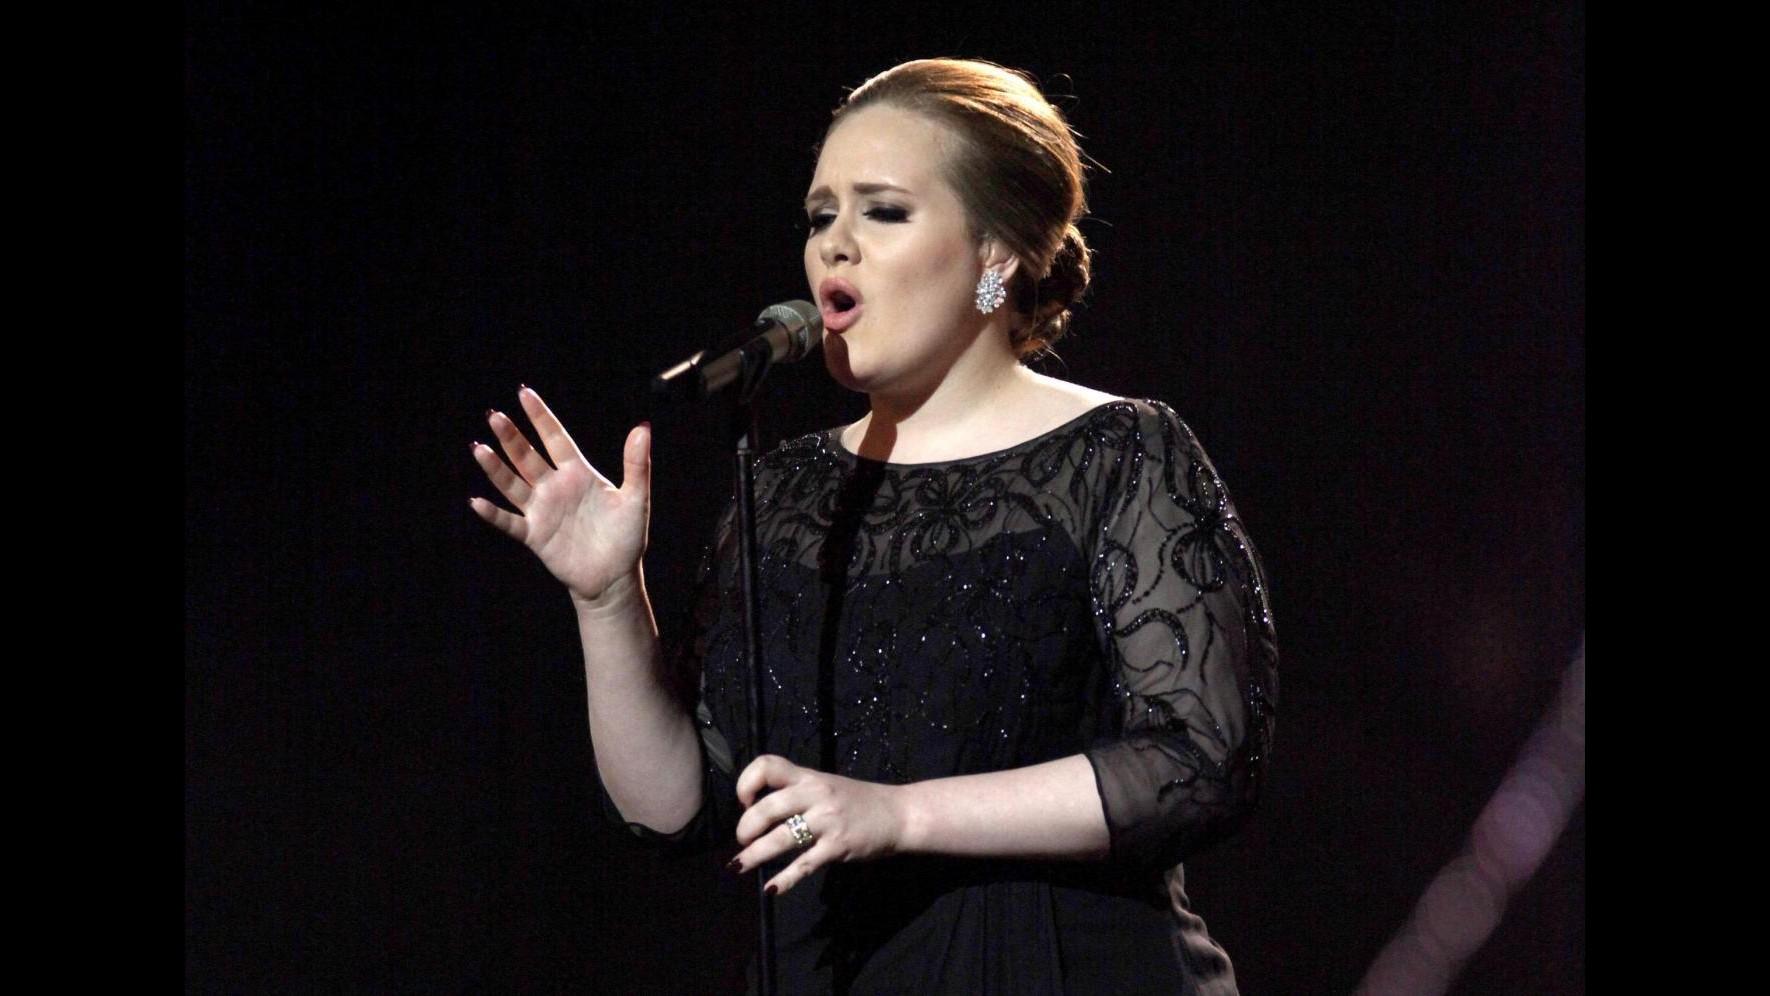 Adele torna in forma dopo l'intervento alla gola e pensa ai Grammy